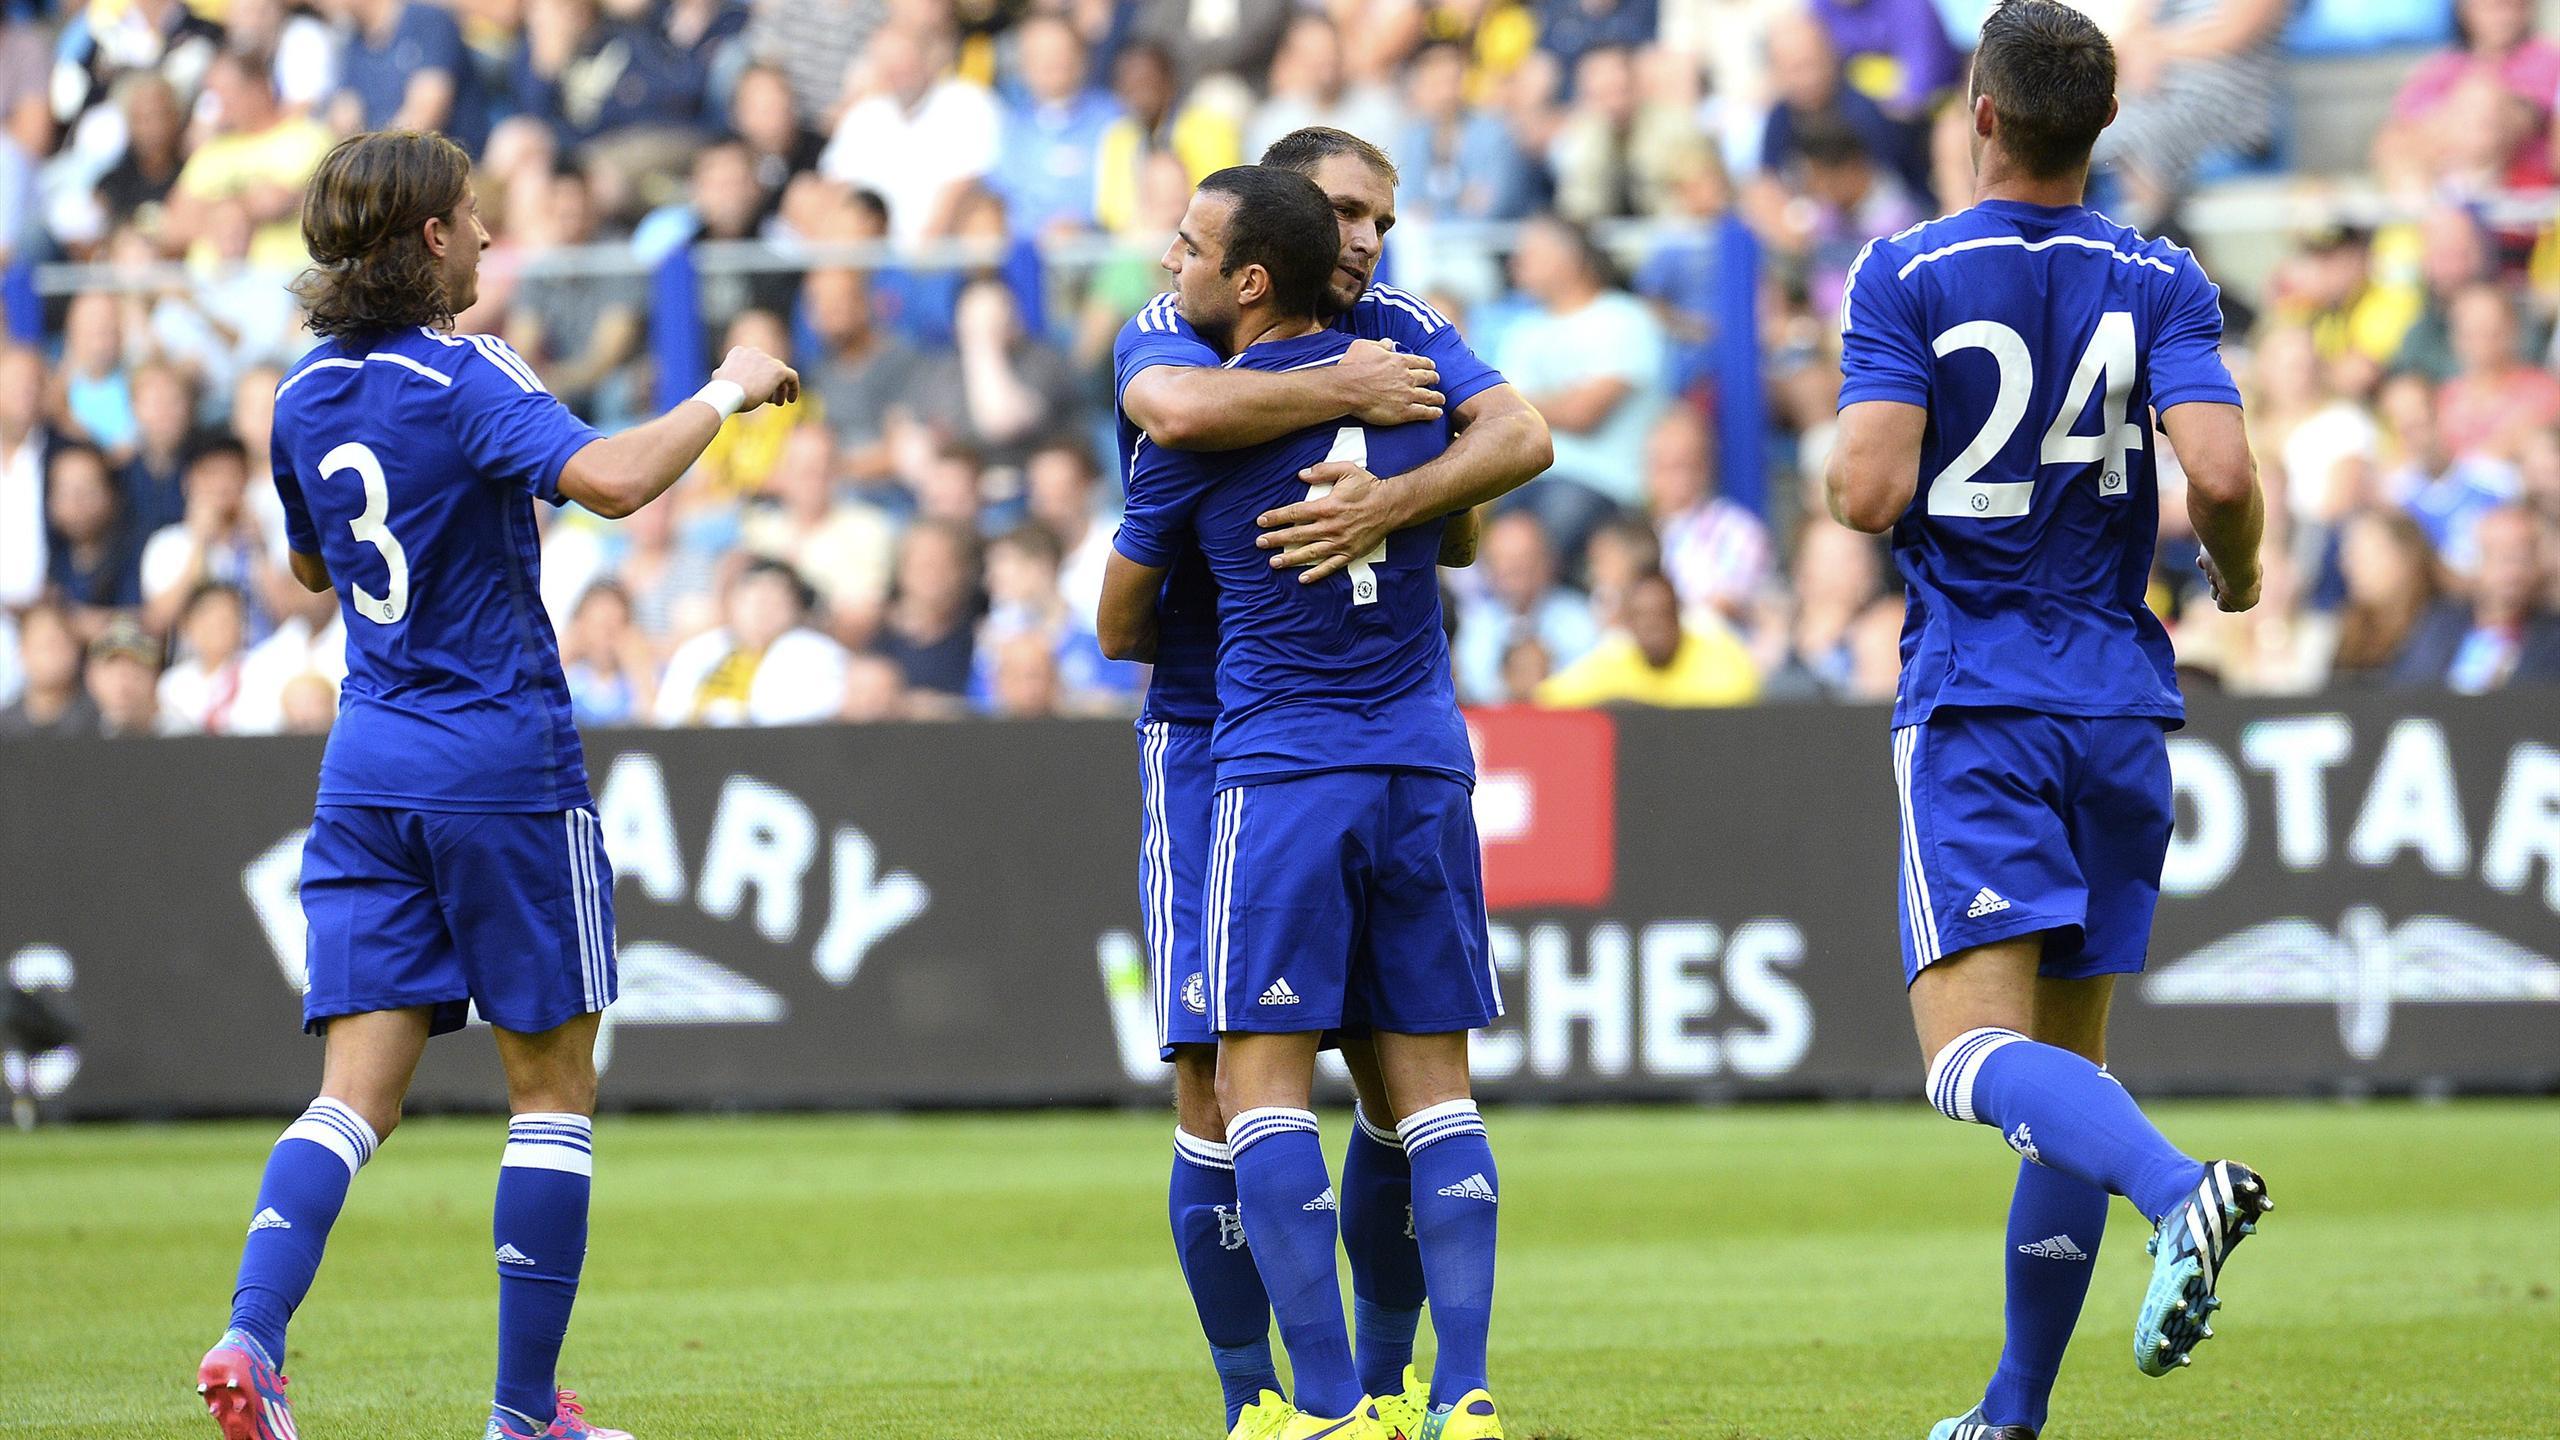 Video: Vitesse vs Chelsea